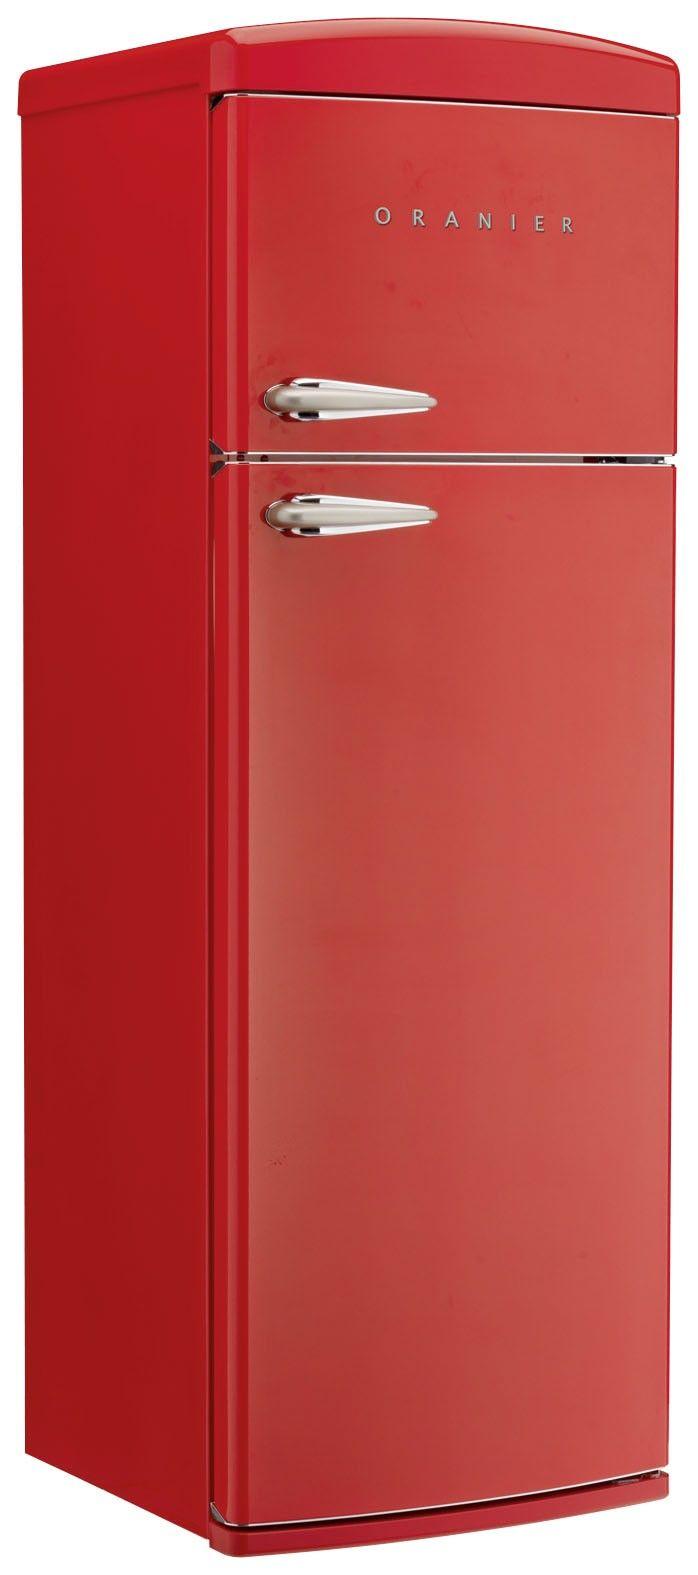 Stand-Kühl-Gefrier-Kombination RKG 2 - Rot (Oranier fridge - also avail in creme)